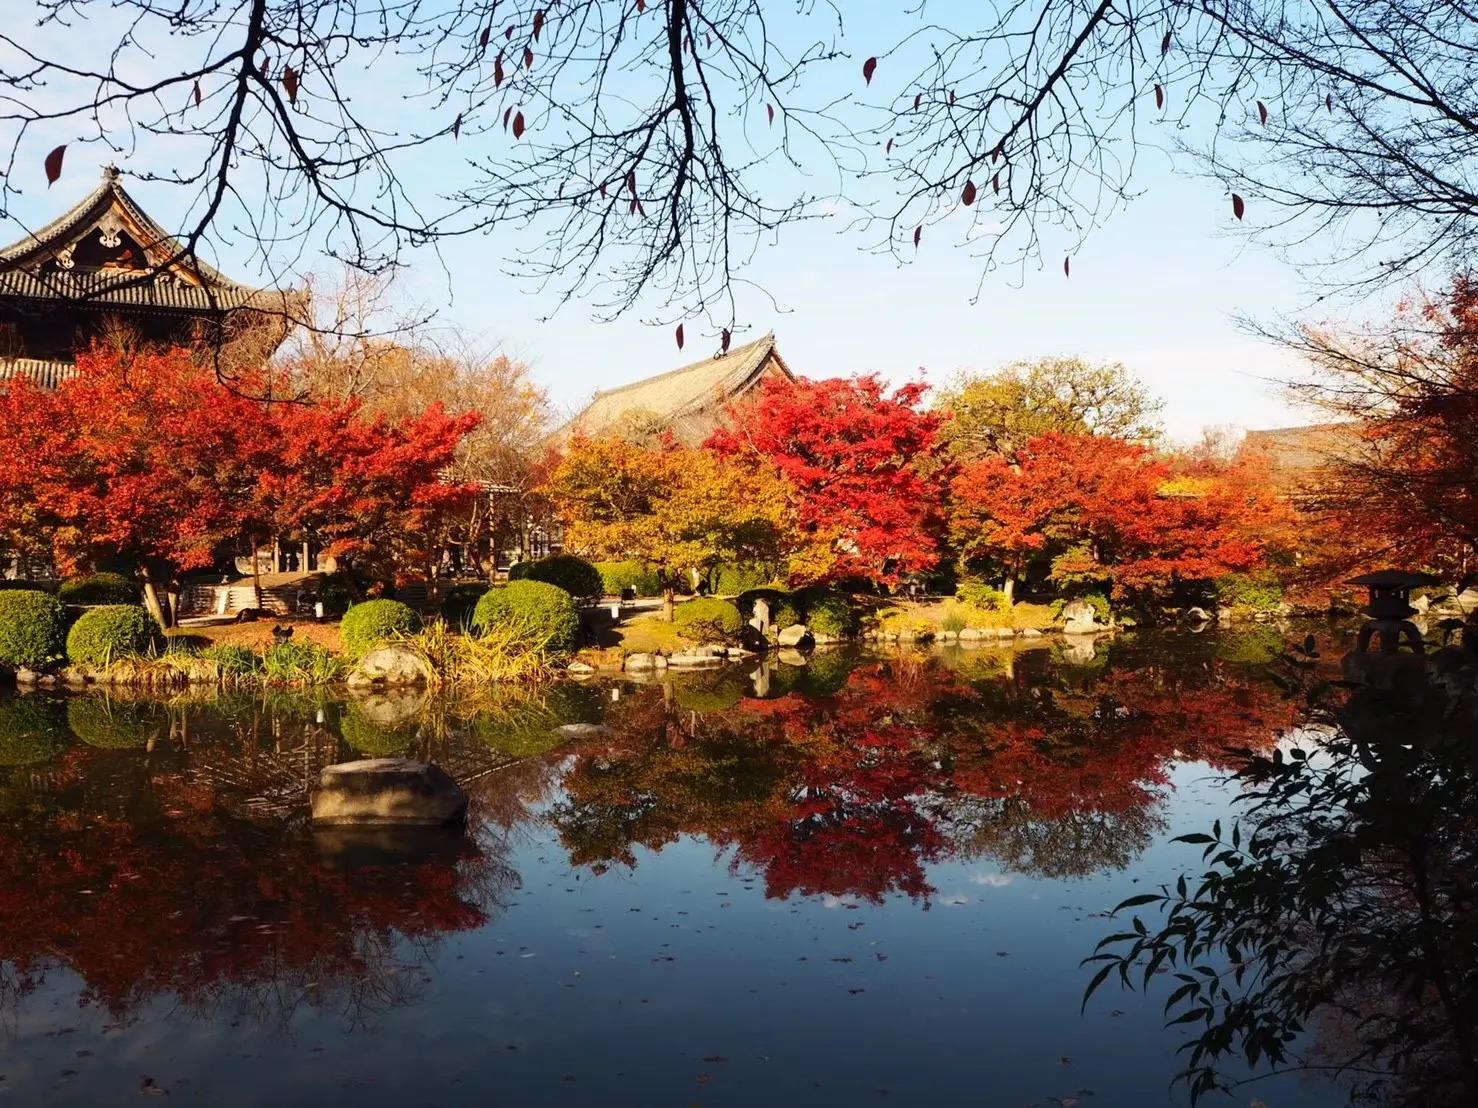 鎌倉&京都のおすすめ女子旅♪ ピクサー新幹線に乗ってみた♡【今週のMOREインフルエンサーズライフスタイル人気ランキング】_1